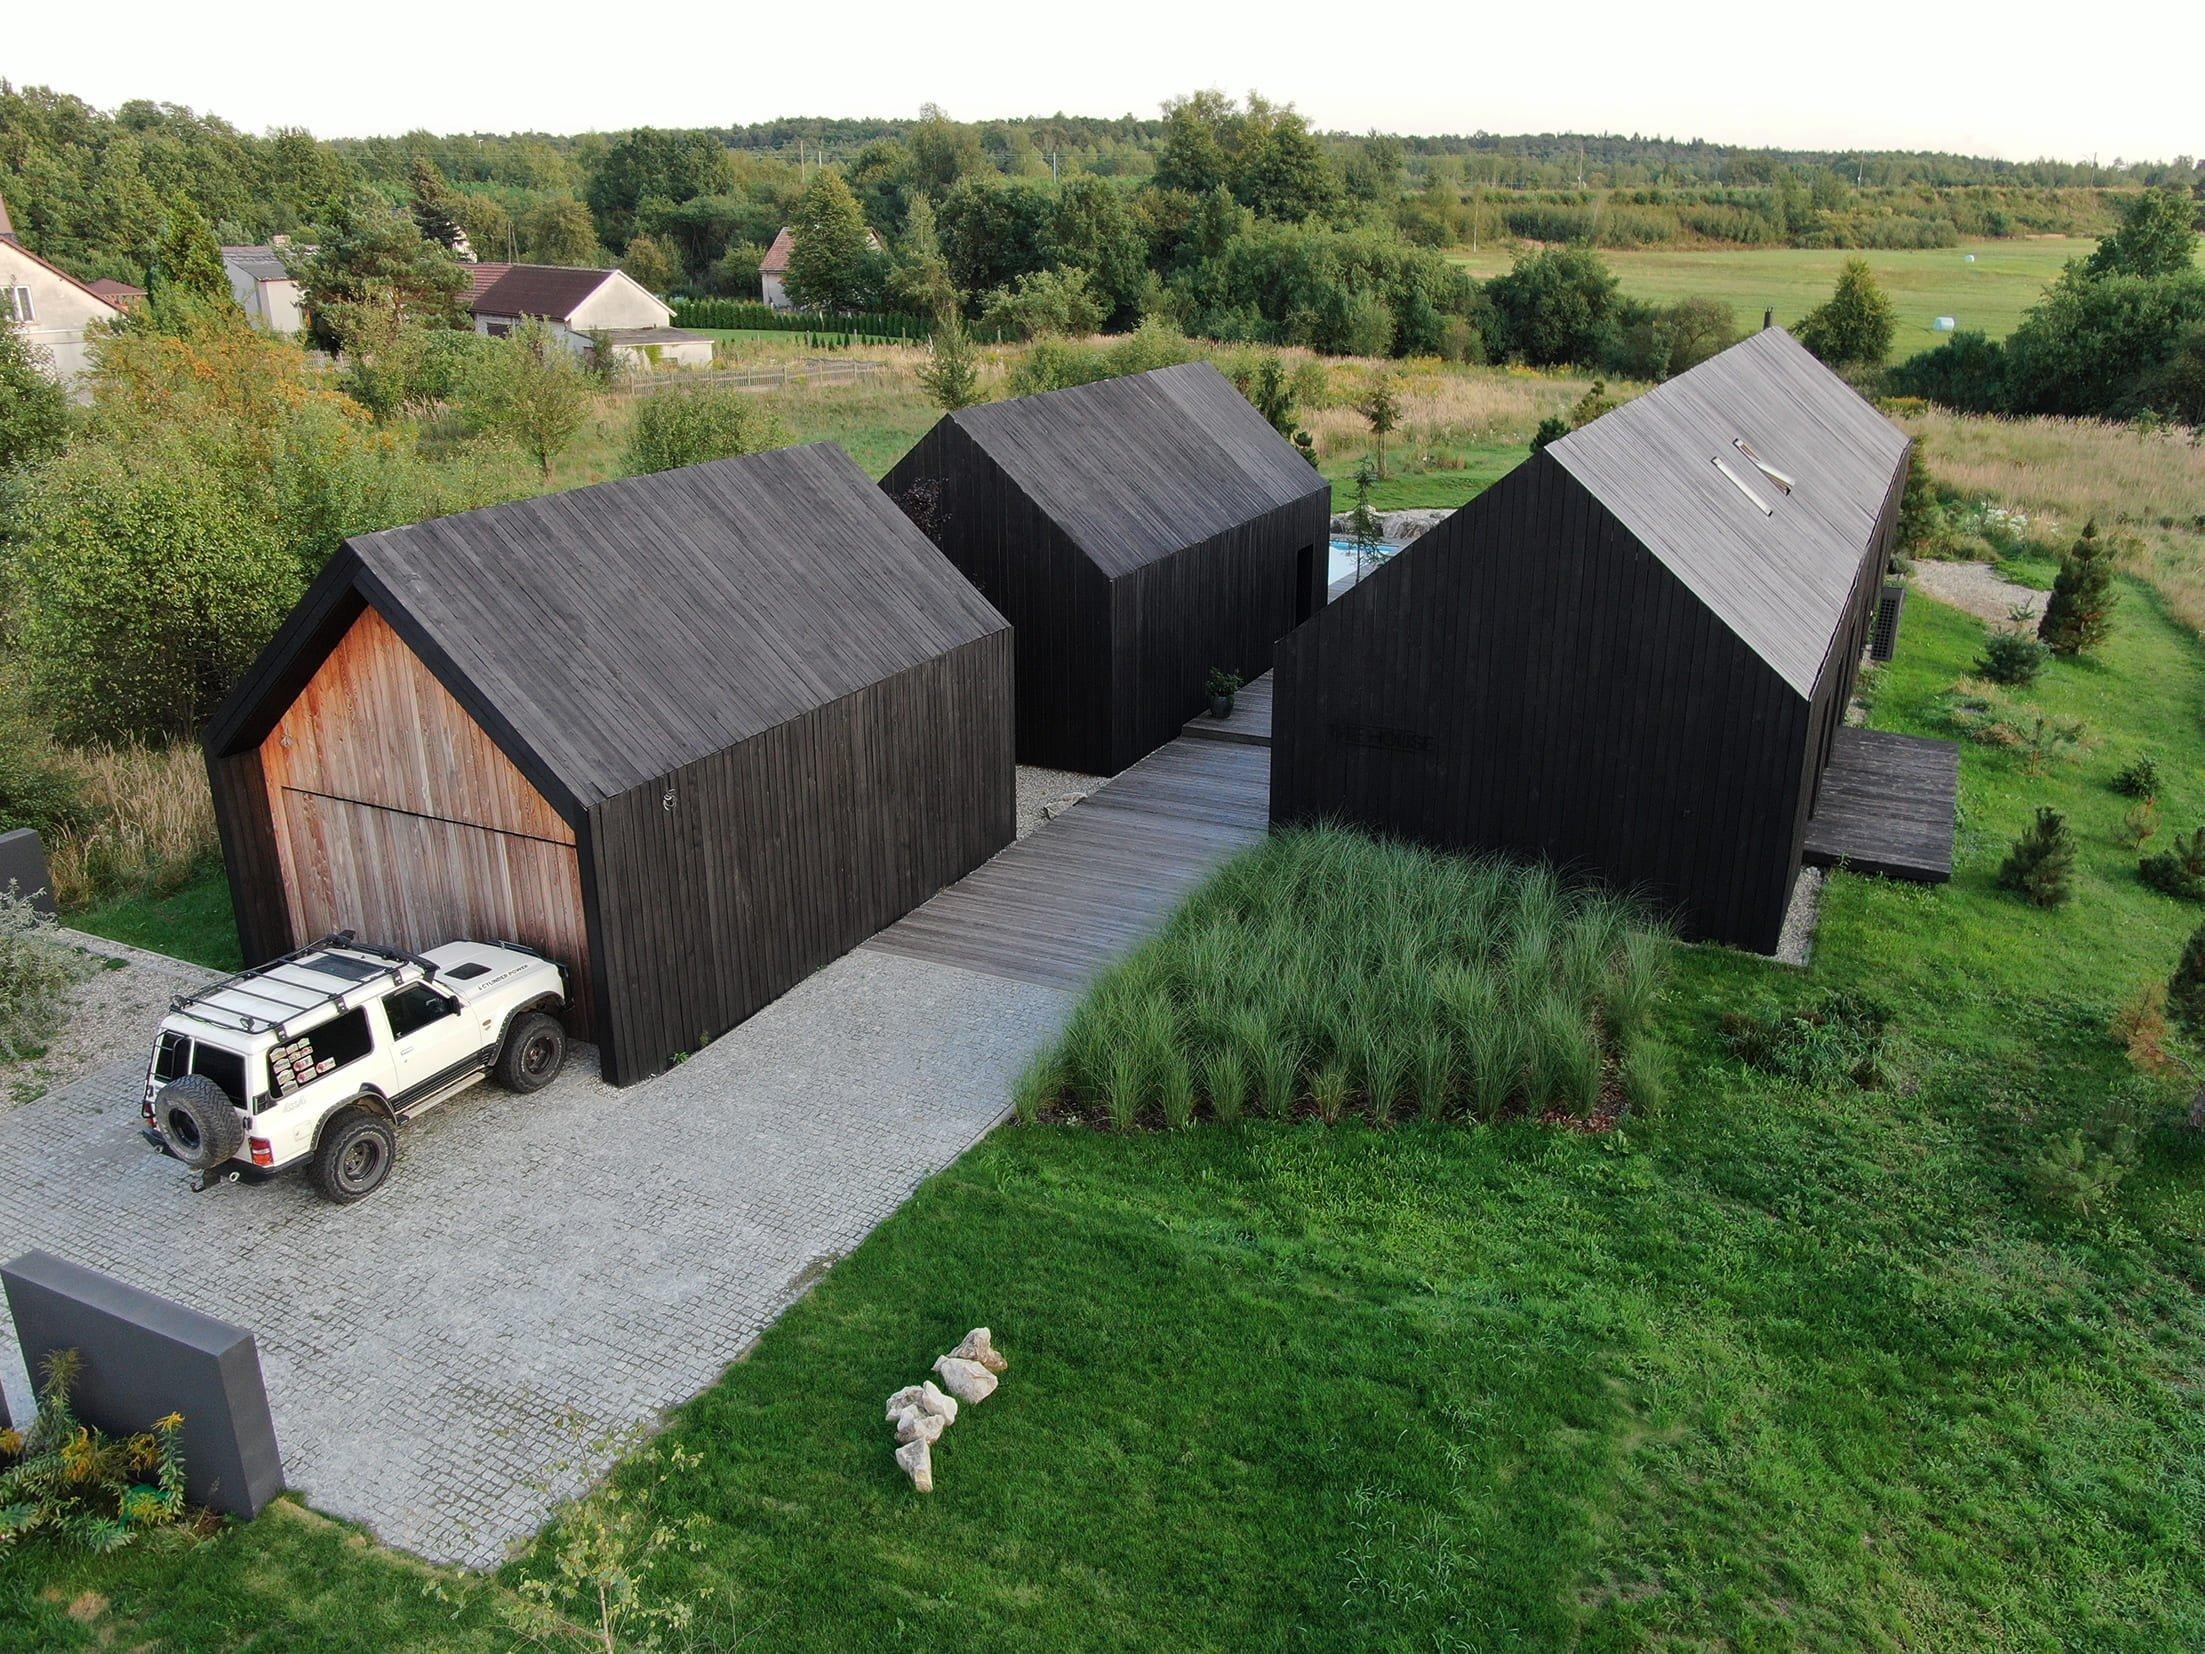 Nově postavené domy vypadají jako černé stodoly uprostřed pole. Ctí tradiční obdélníkový tvar se sedlovou střechou, ale nabízí mnohem víc. Jejich výjimečnost potvrzuje i fakt, že byly nominovány na cenu za architekturu.